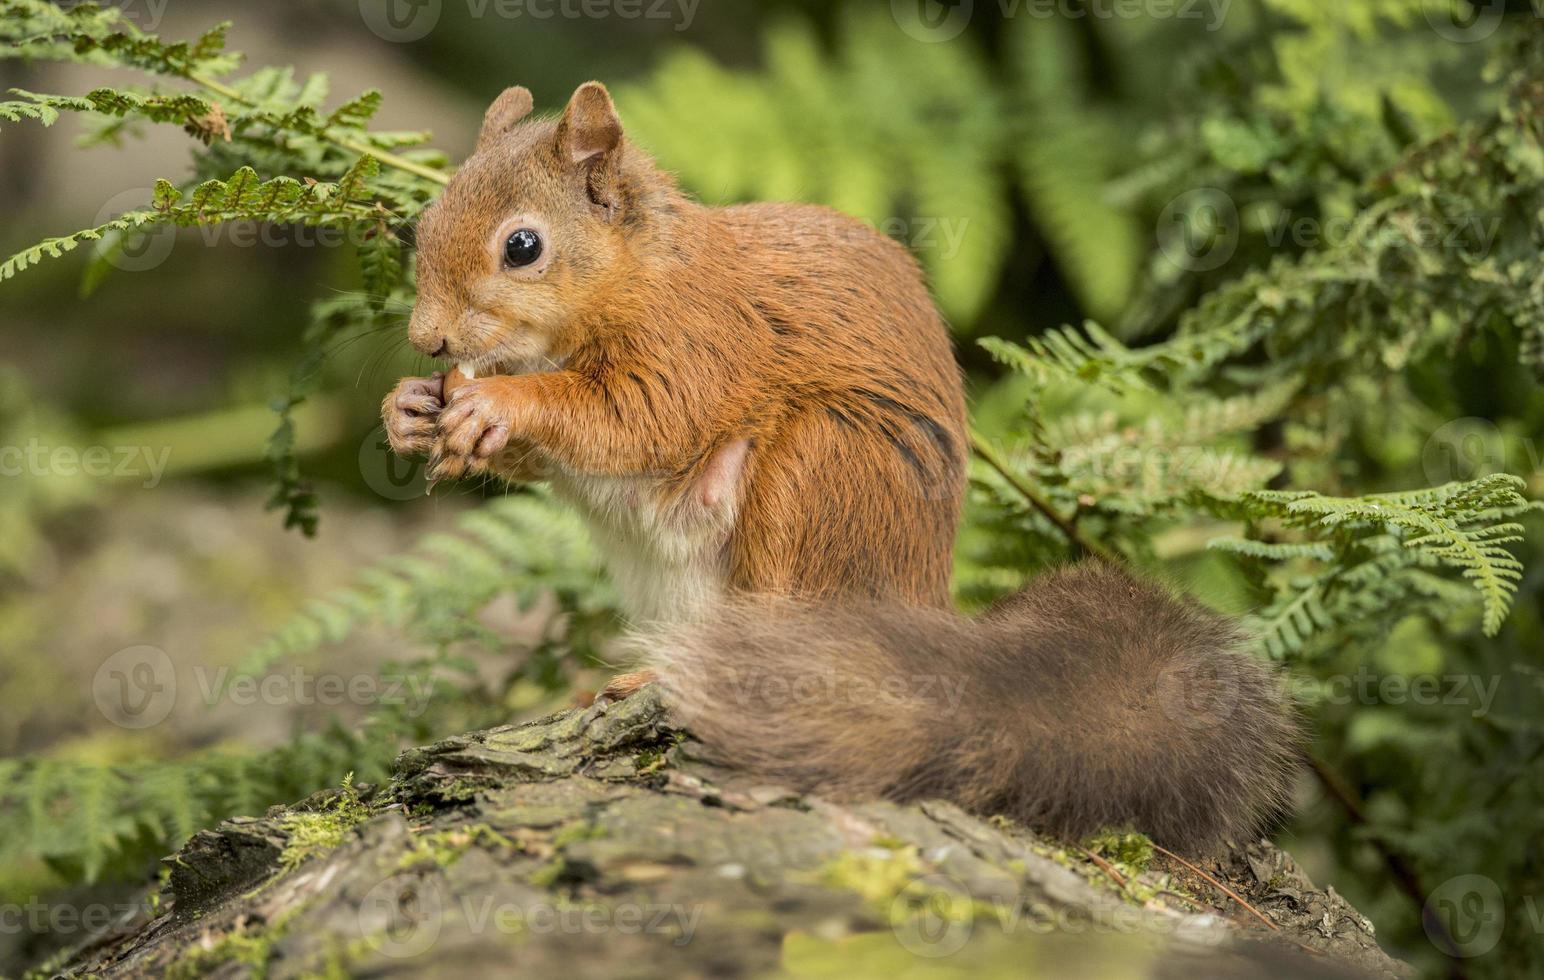 écureuil roux, sciurus vulgaris, assis sur un tronc d'arbre photo